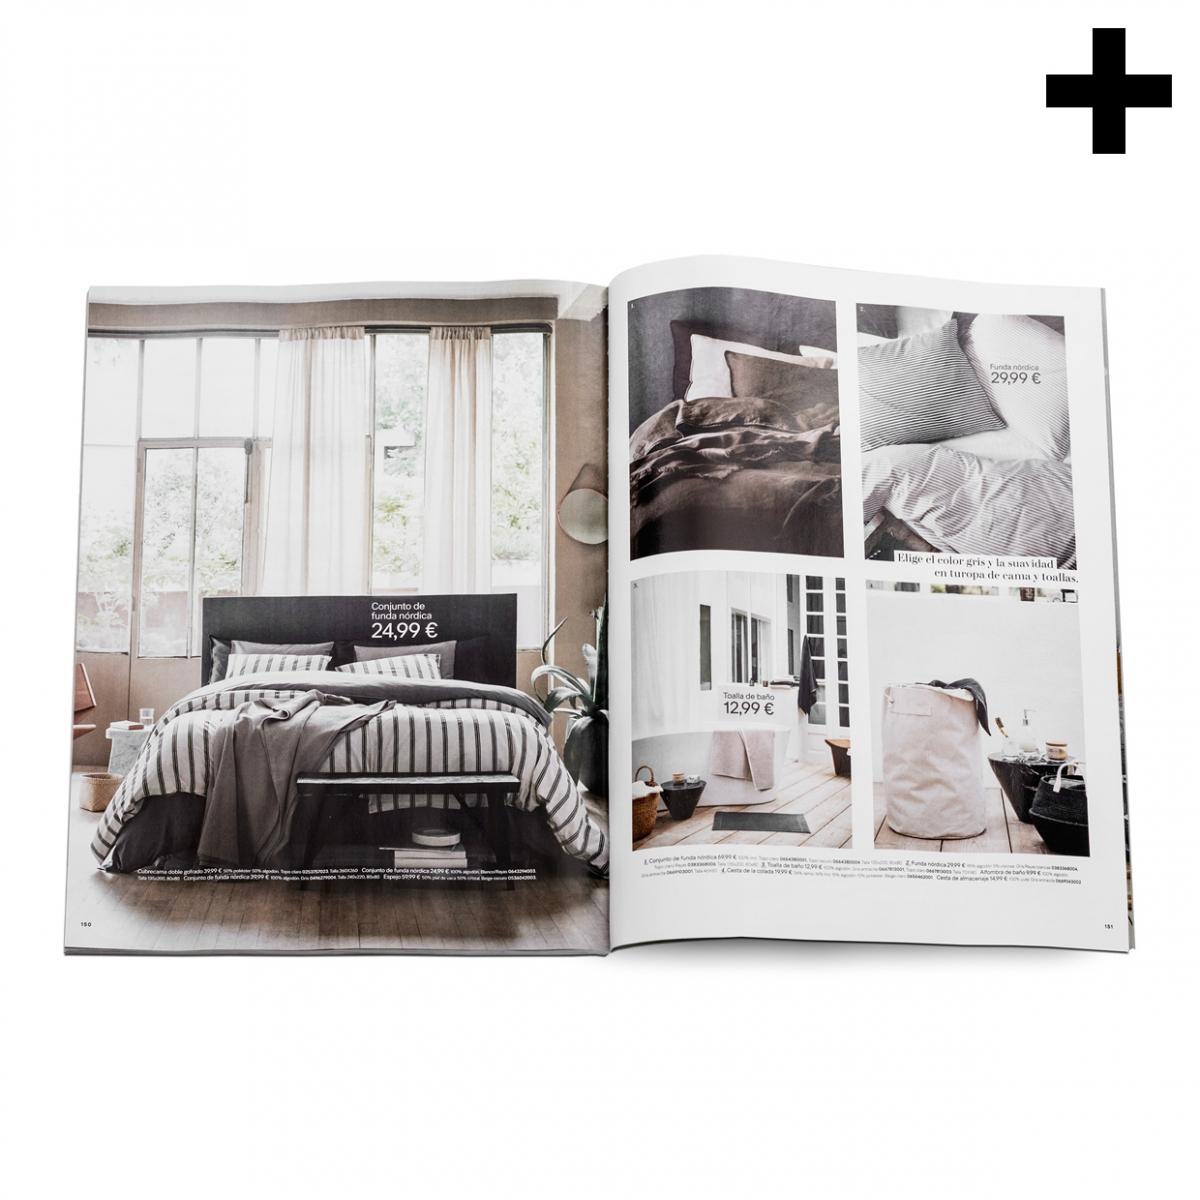 Imagen en la que se ve el plural del concepto revista de decoración